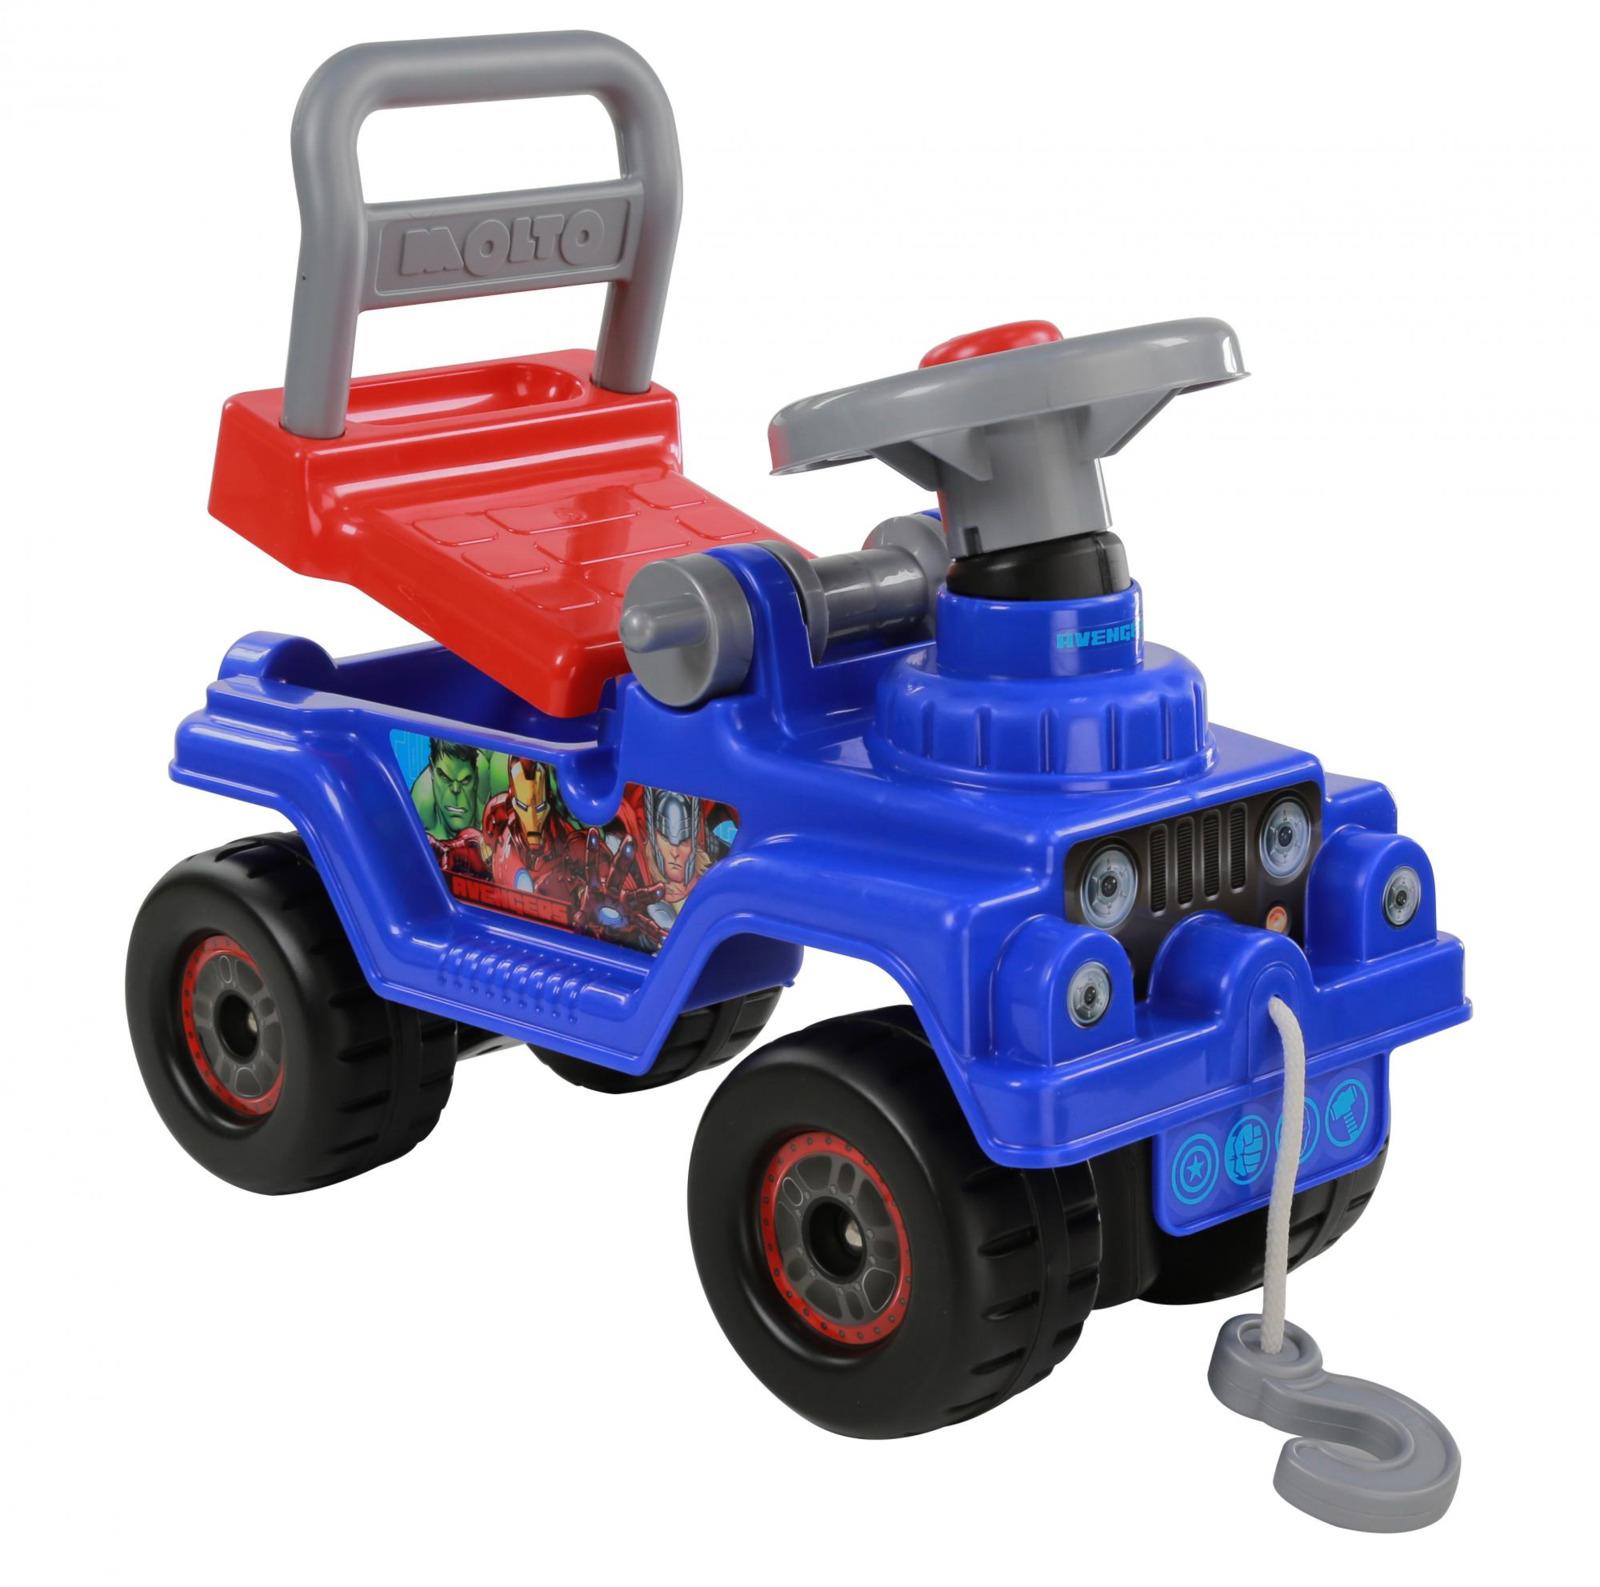 Фото - Джип-каталка Полесье Marvel. Мстители, цвет в ассортименте полесье набор игрушек для песочницы 468 цвет в ассортименте